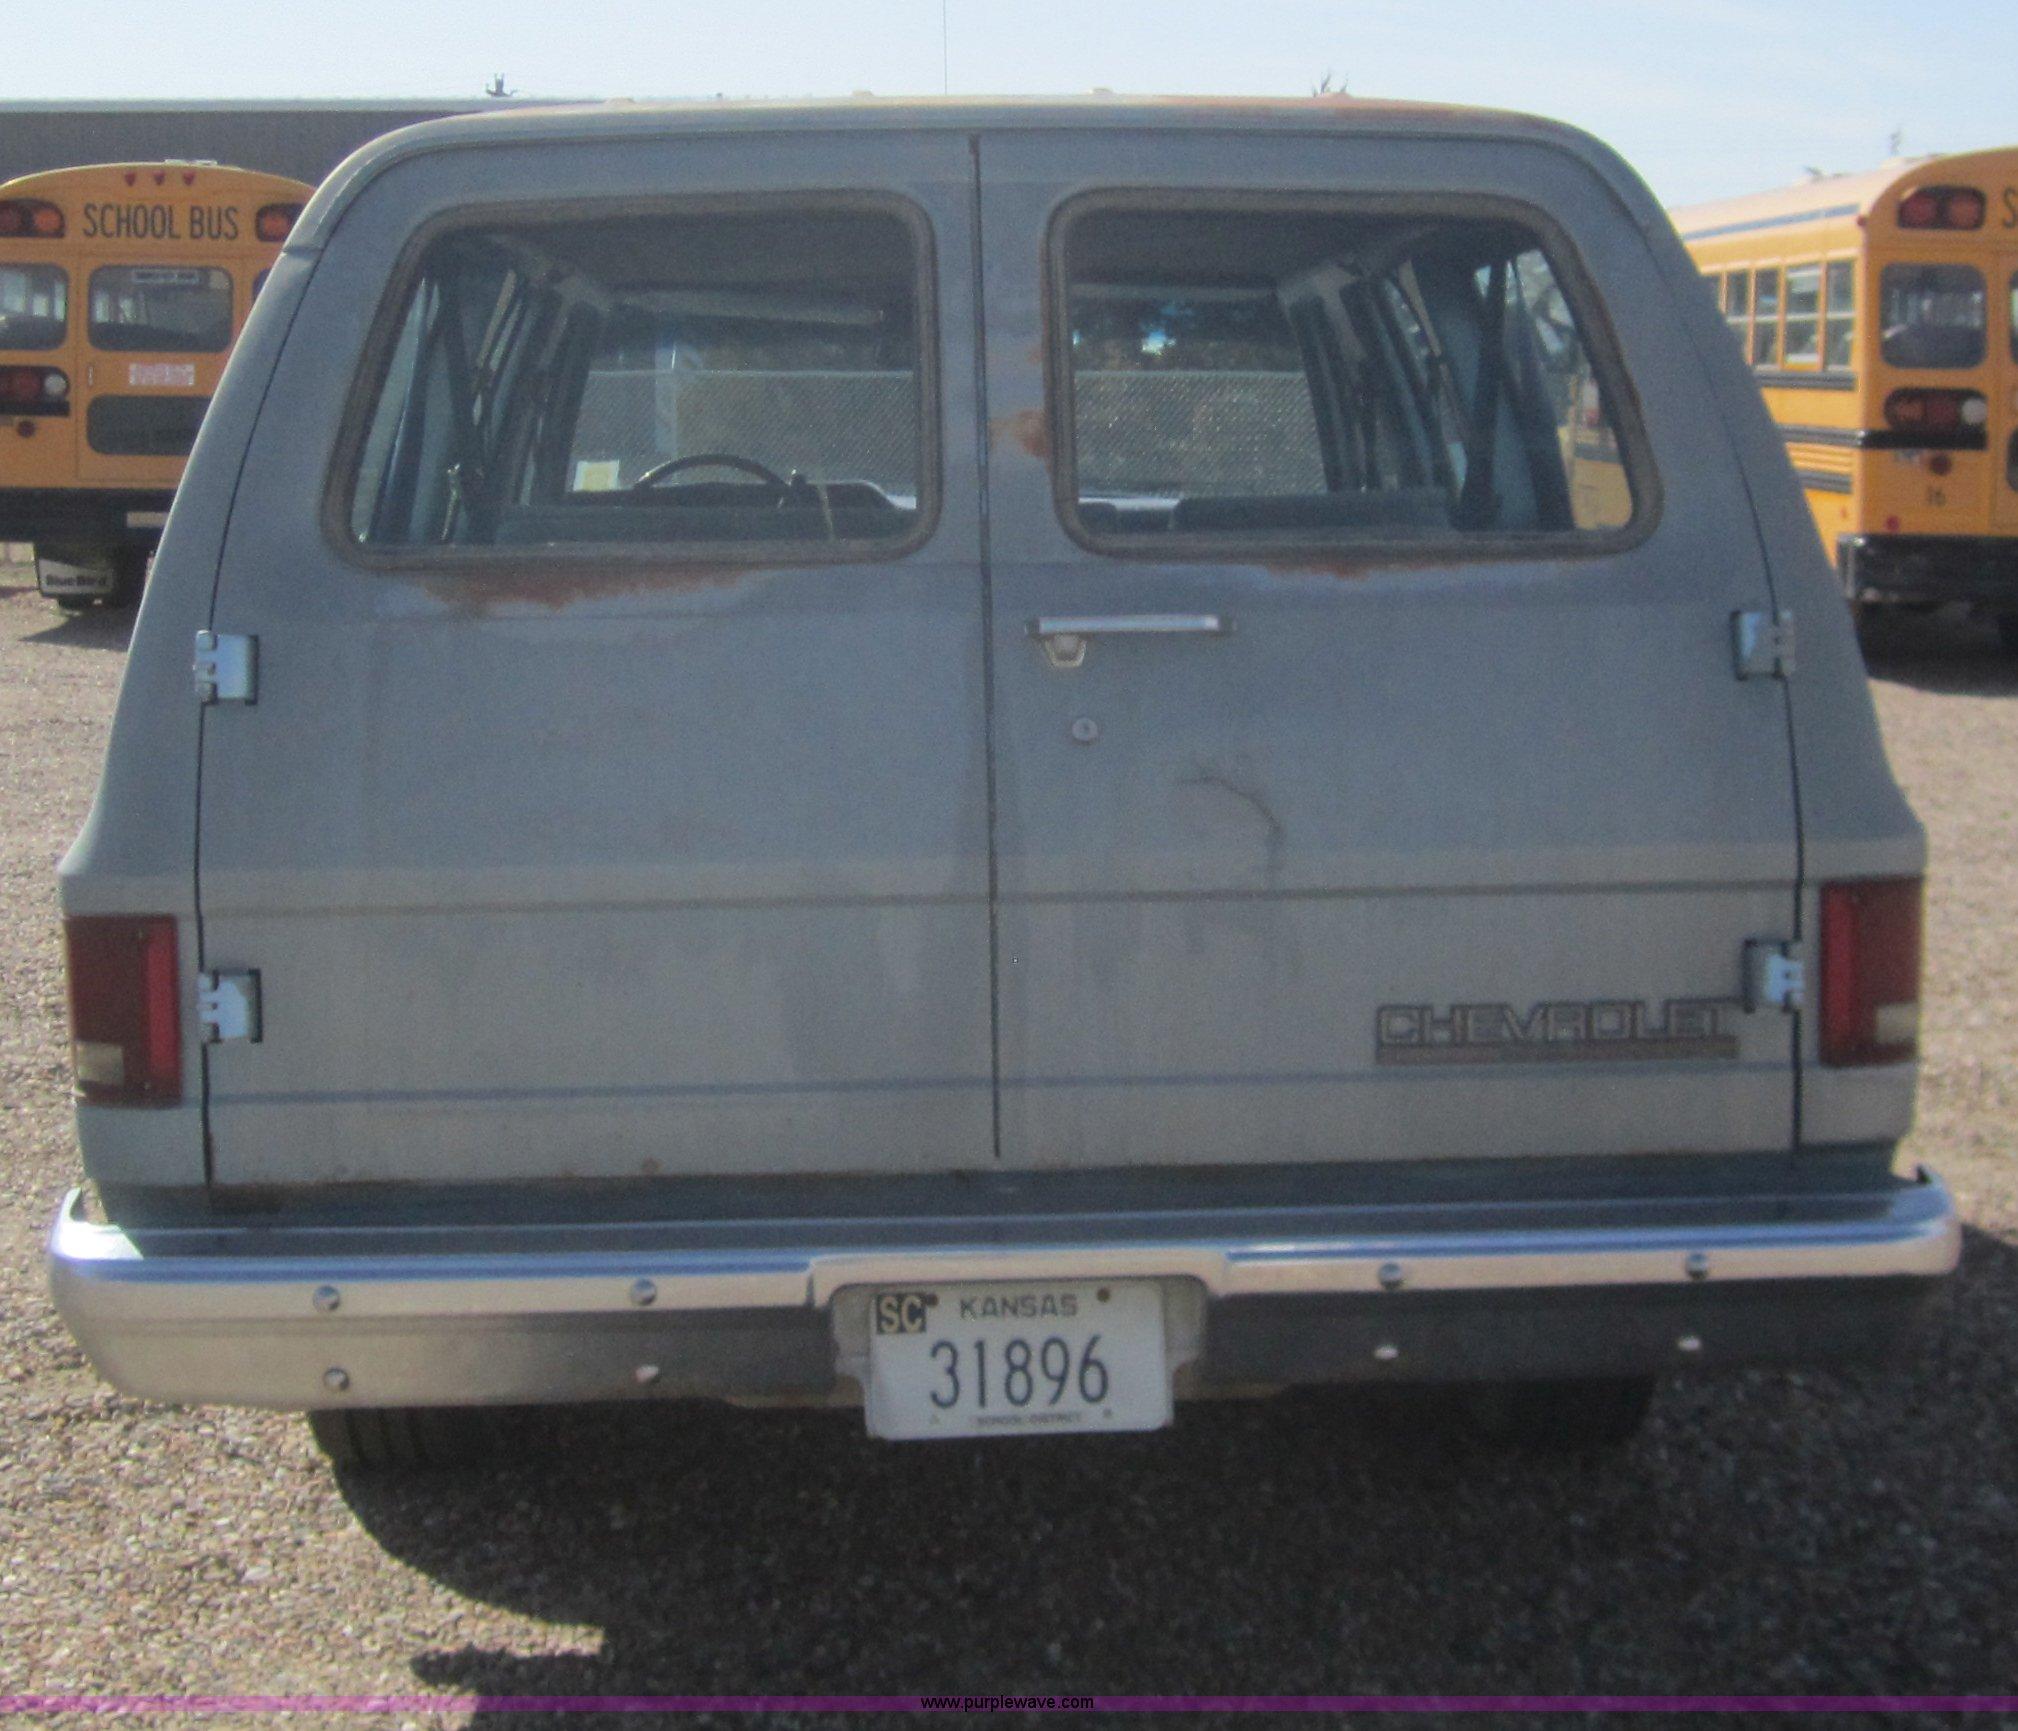 2012 Chevrolet Suburban 1500 Transmission: 1989 Chevrolet Suburban 1500 SUV